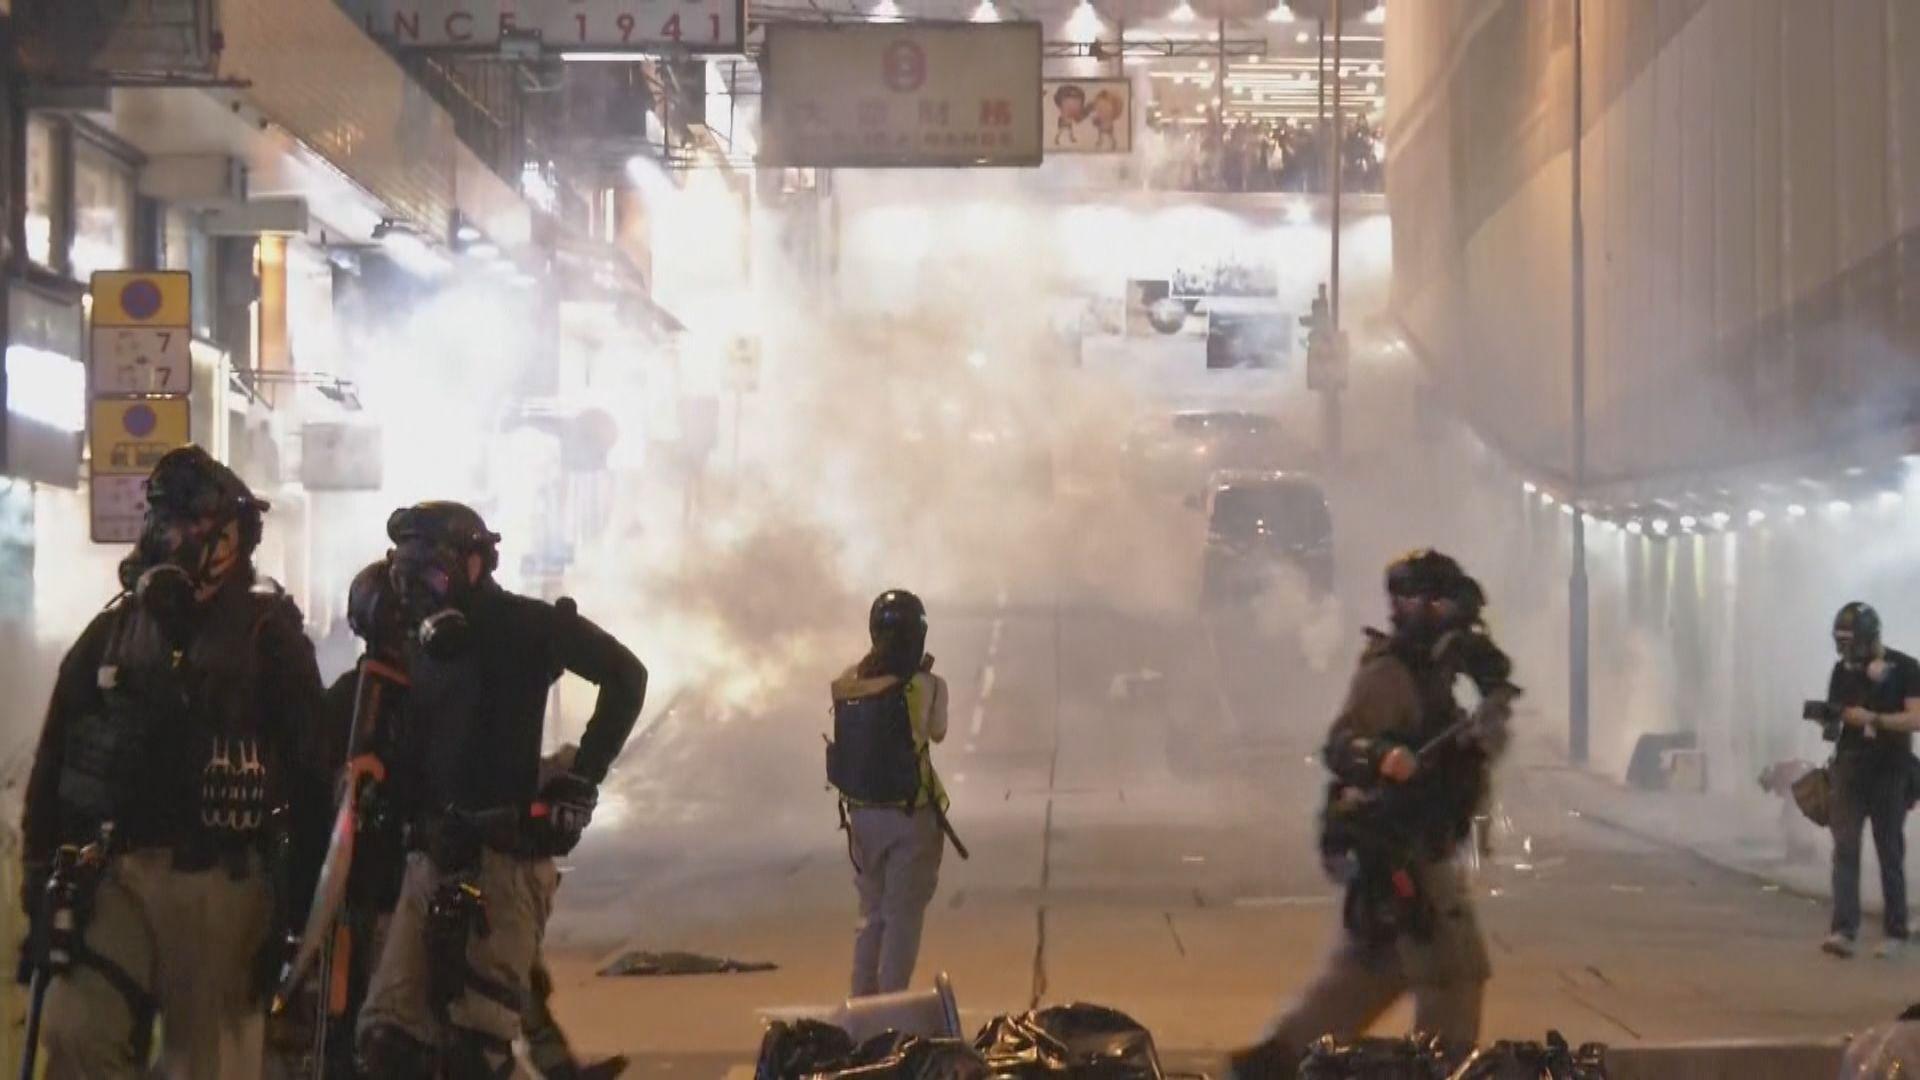 示威者中環投擲汽油彈 警方發射多枚催淚彈